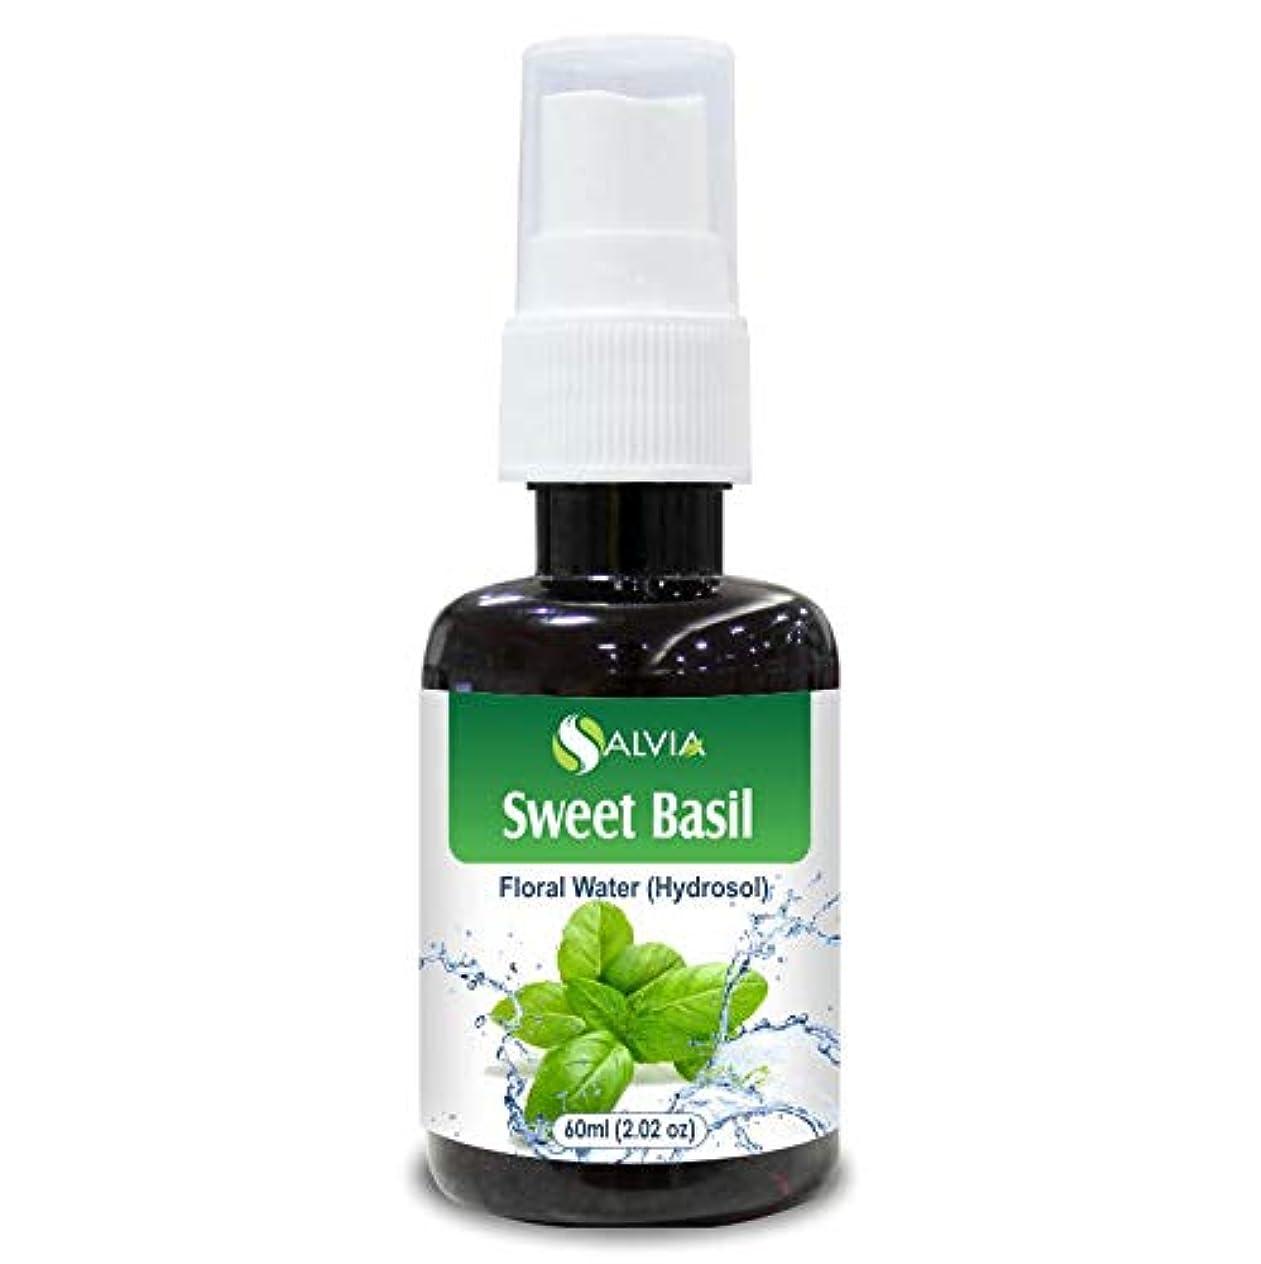 報復する種類報復するSweet Basil Floral Water 60ml (Hydrosol) 100% Pure And Natural